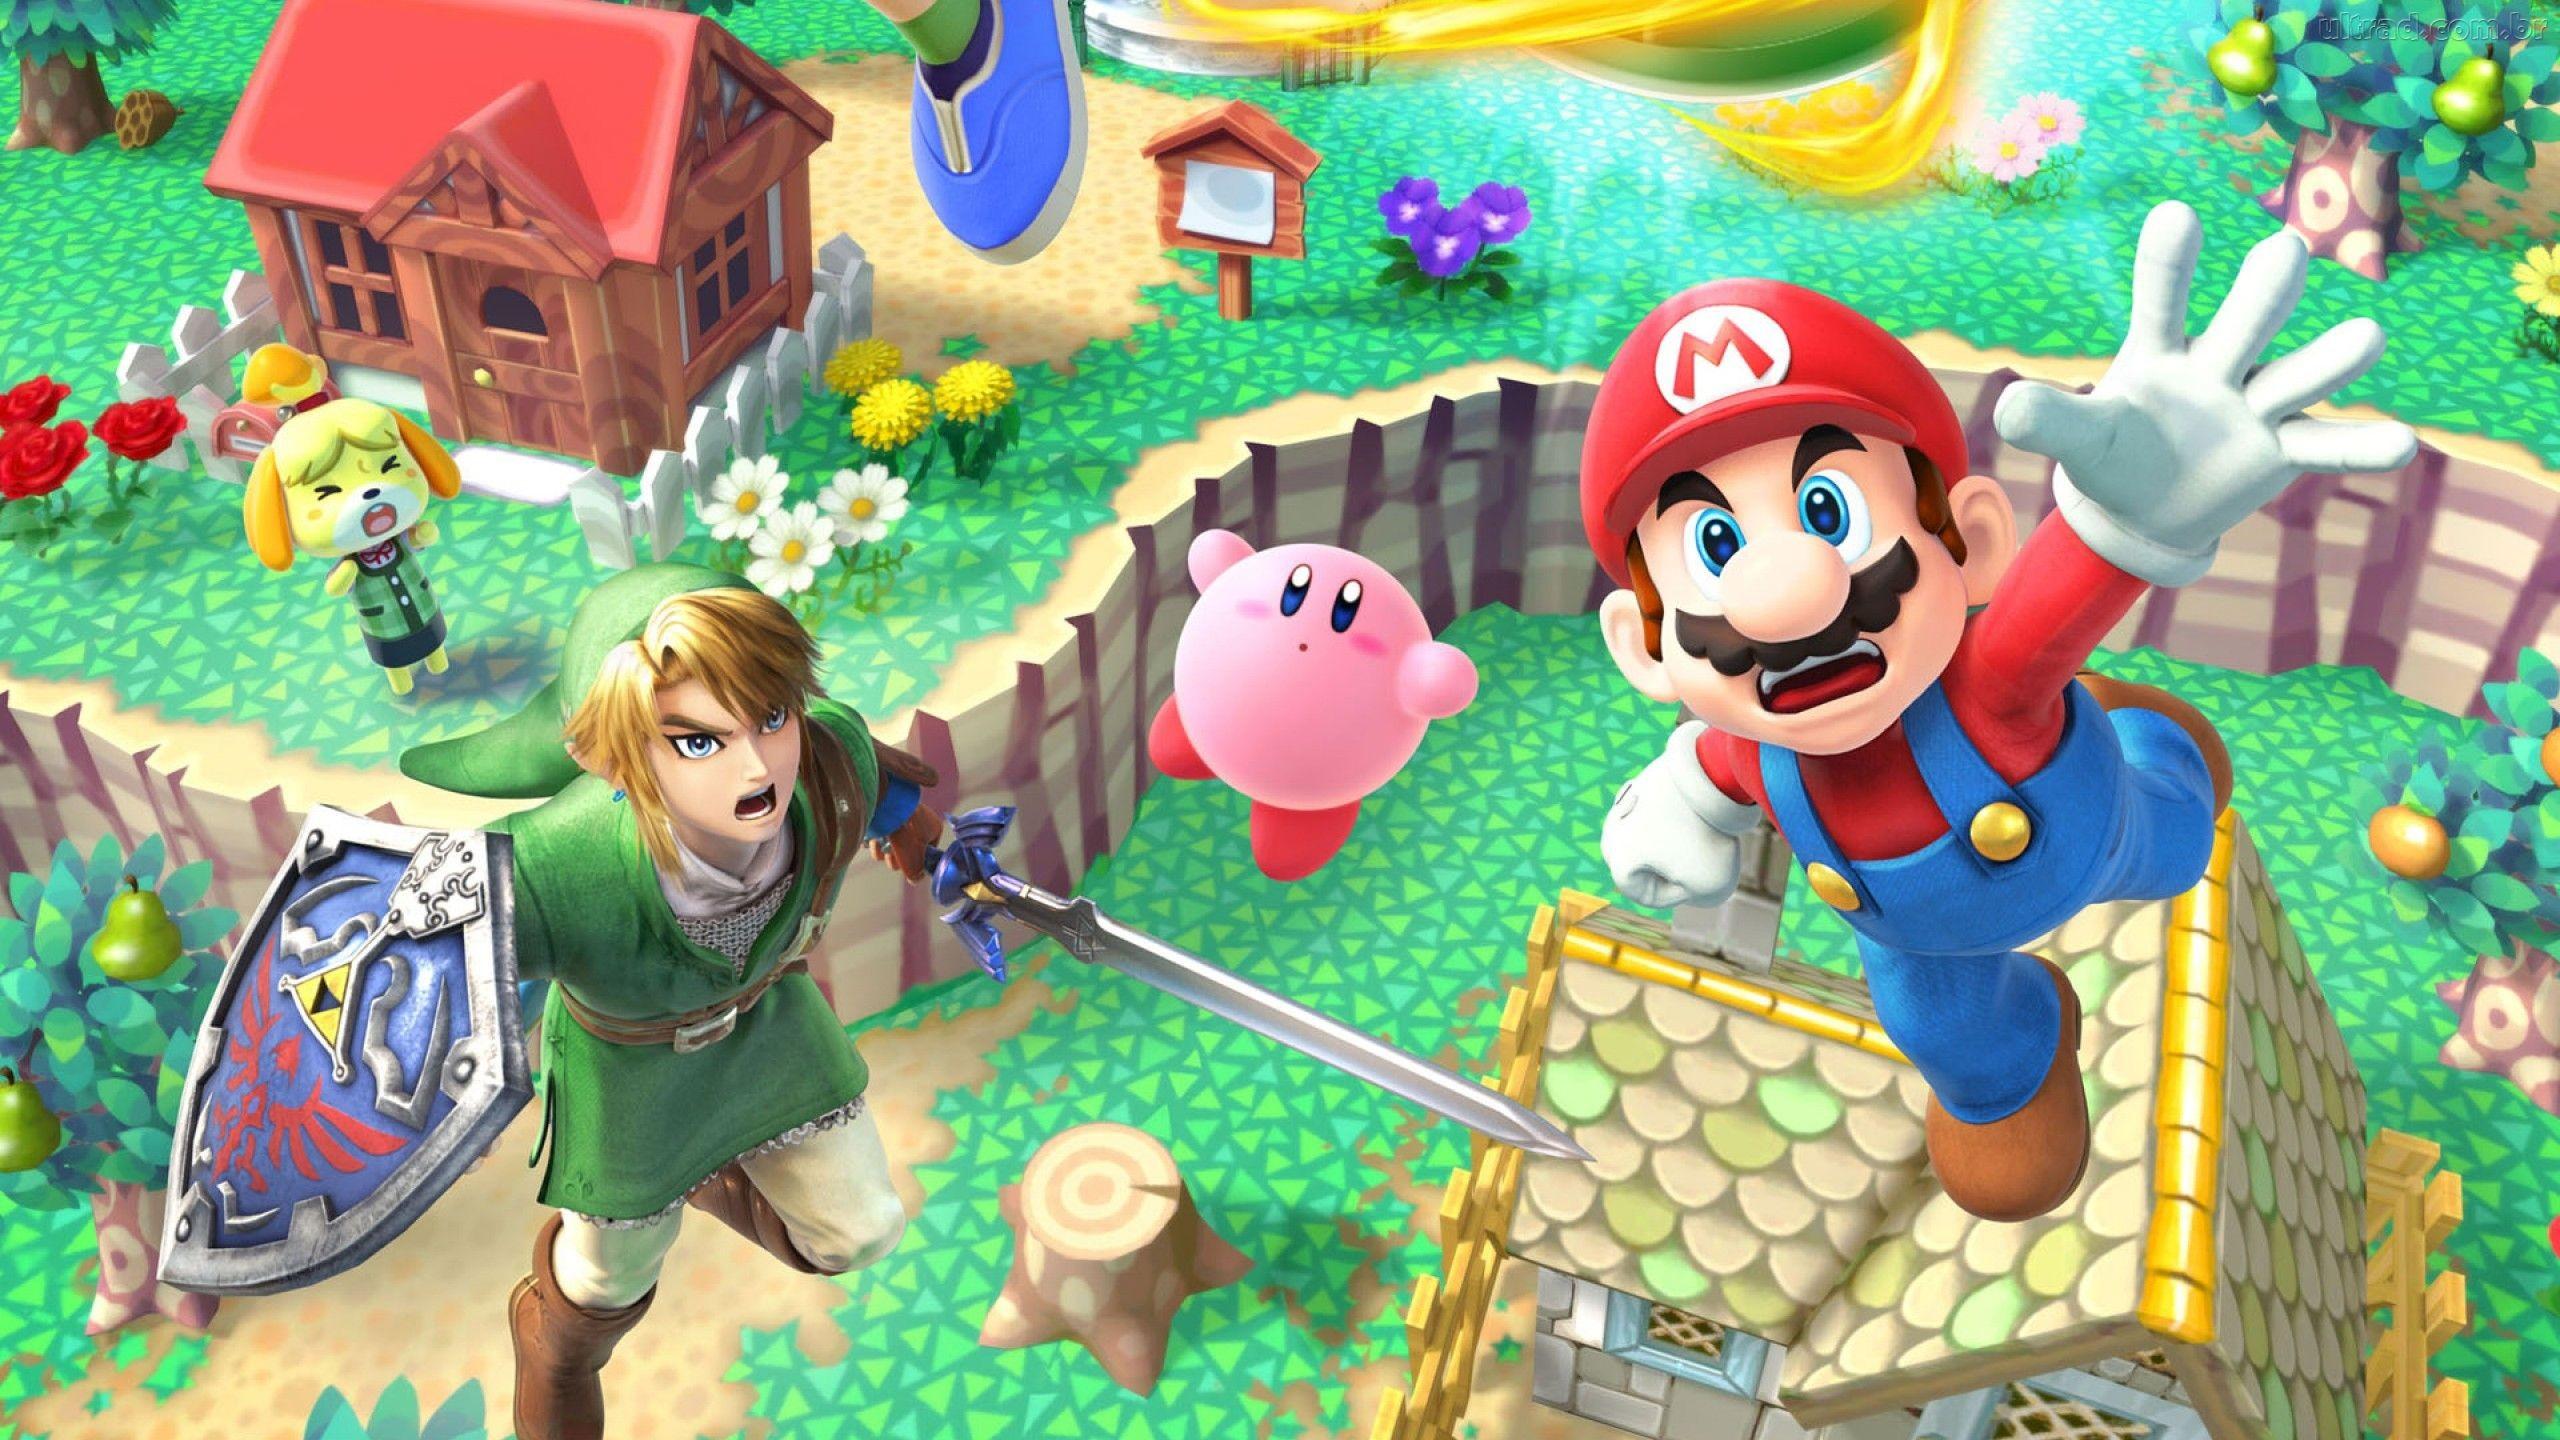 Super Smash Bros Backgrounds wallpaper – 1274848